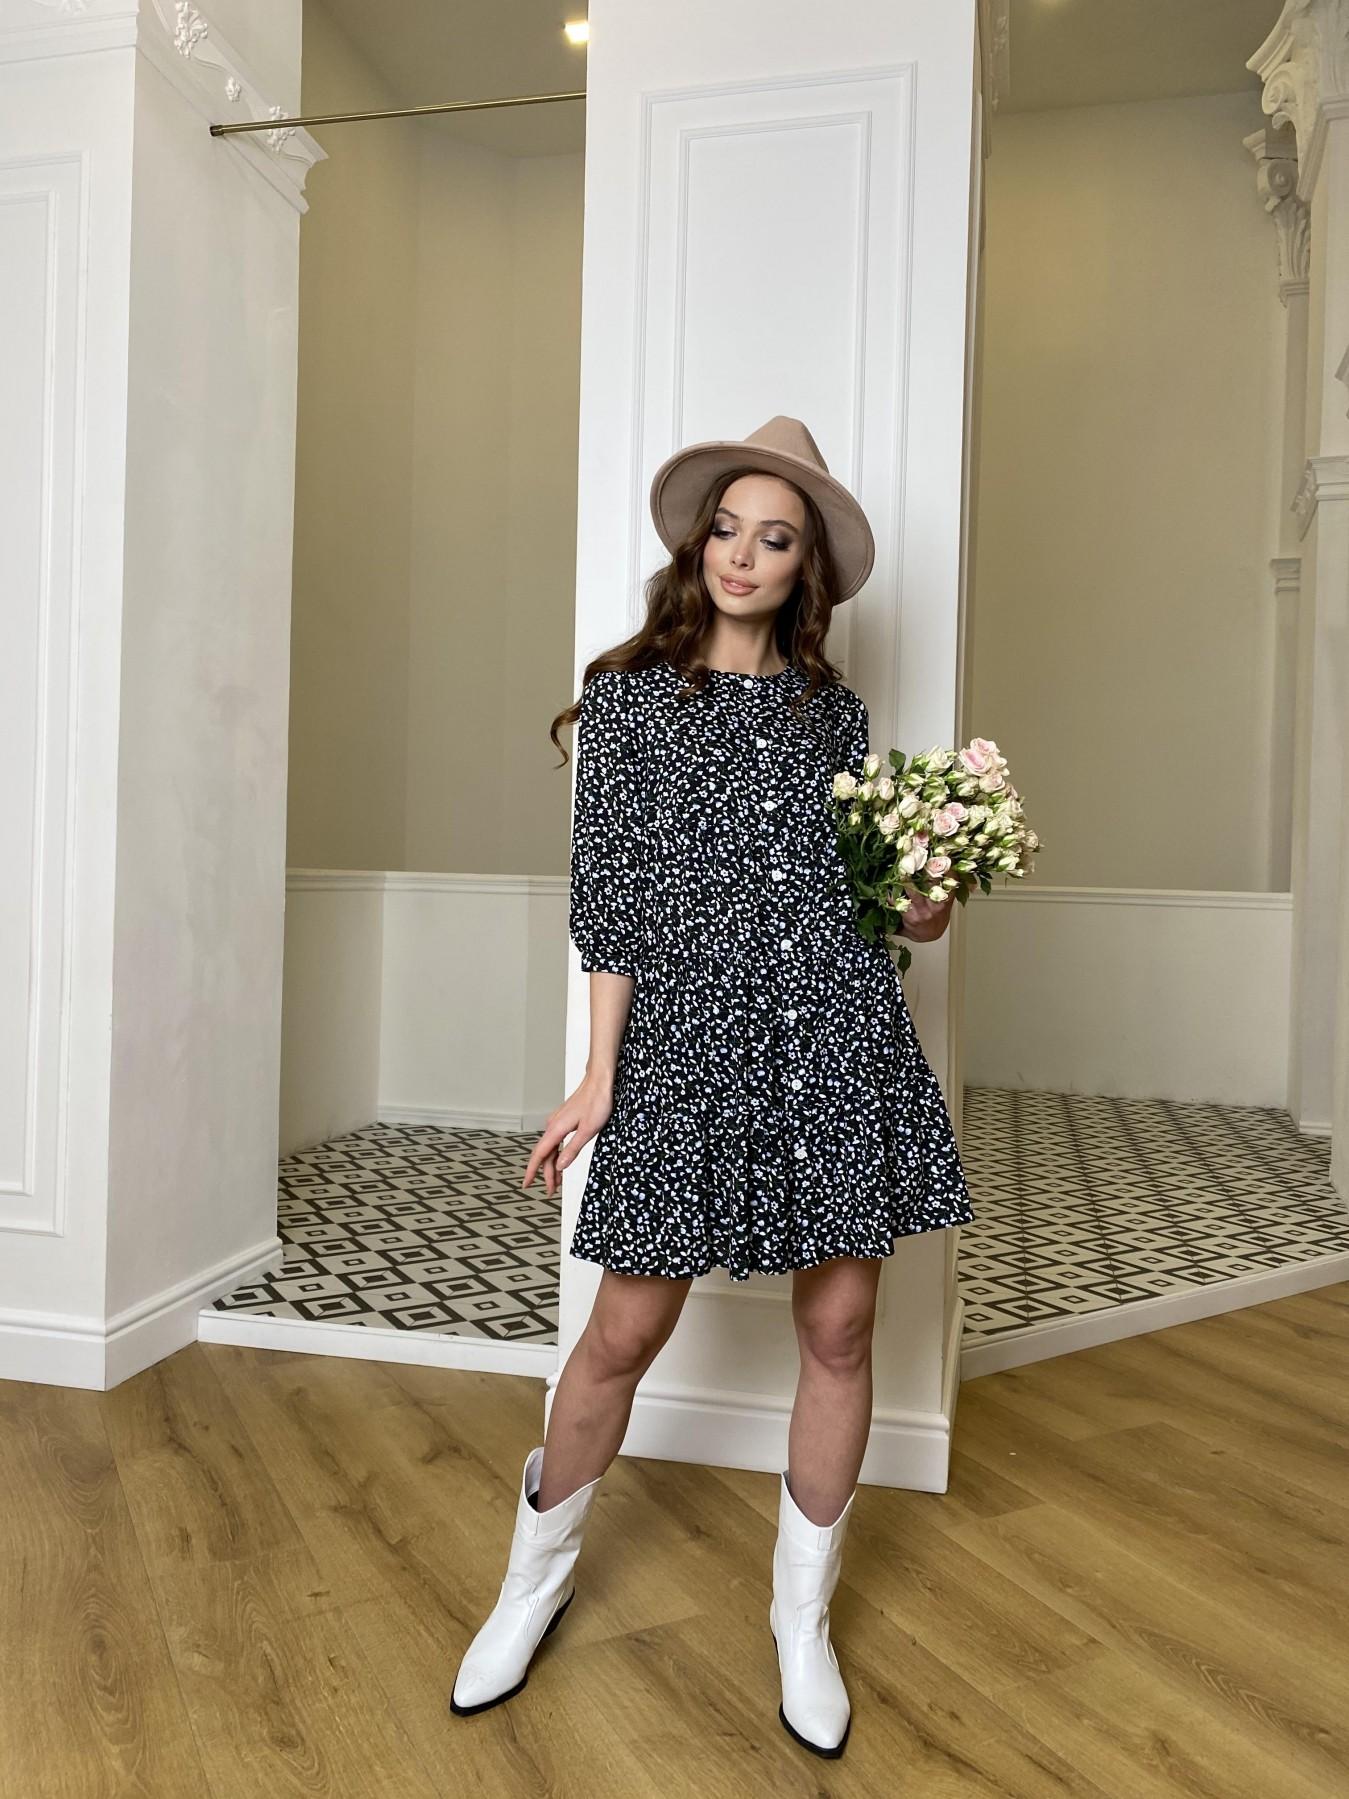 Берри штапель принт платье 10872 АРТ. 47342 Цвет: Цветы мел черн/бел/гол - фото 4, интернет магазин tm-modus.ru